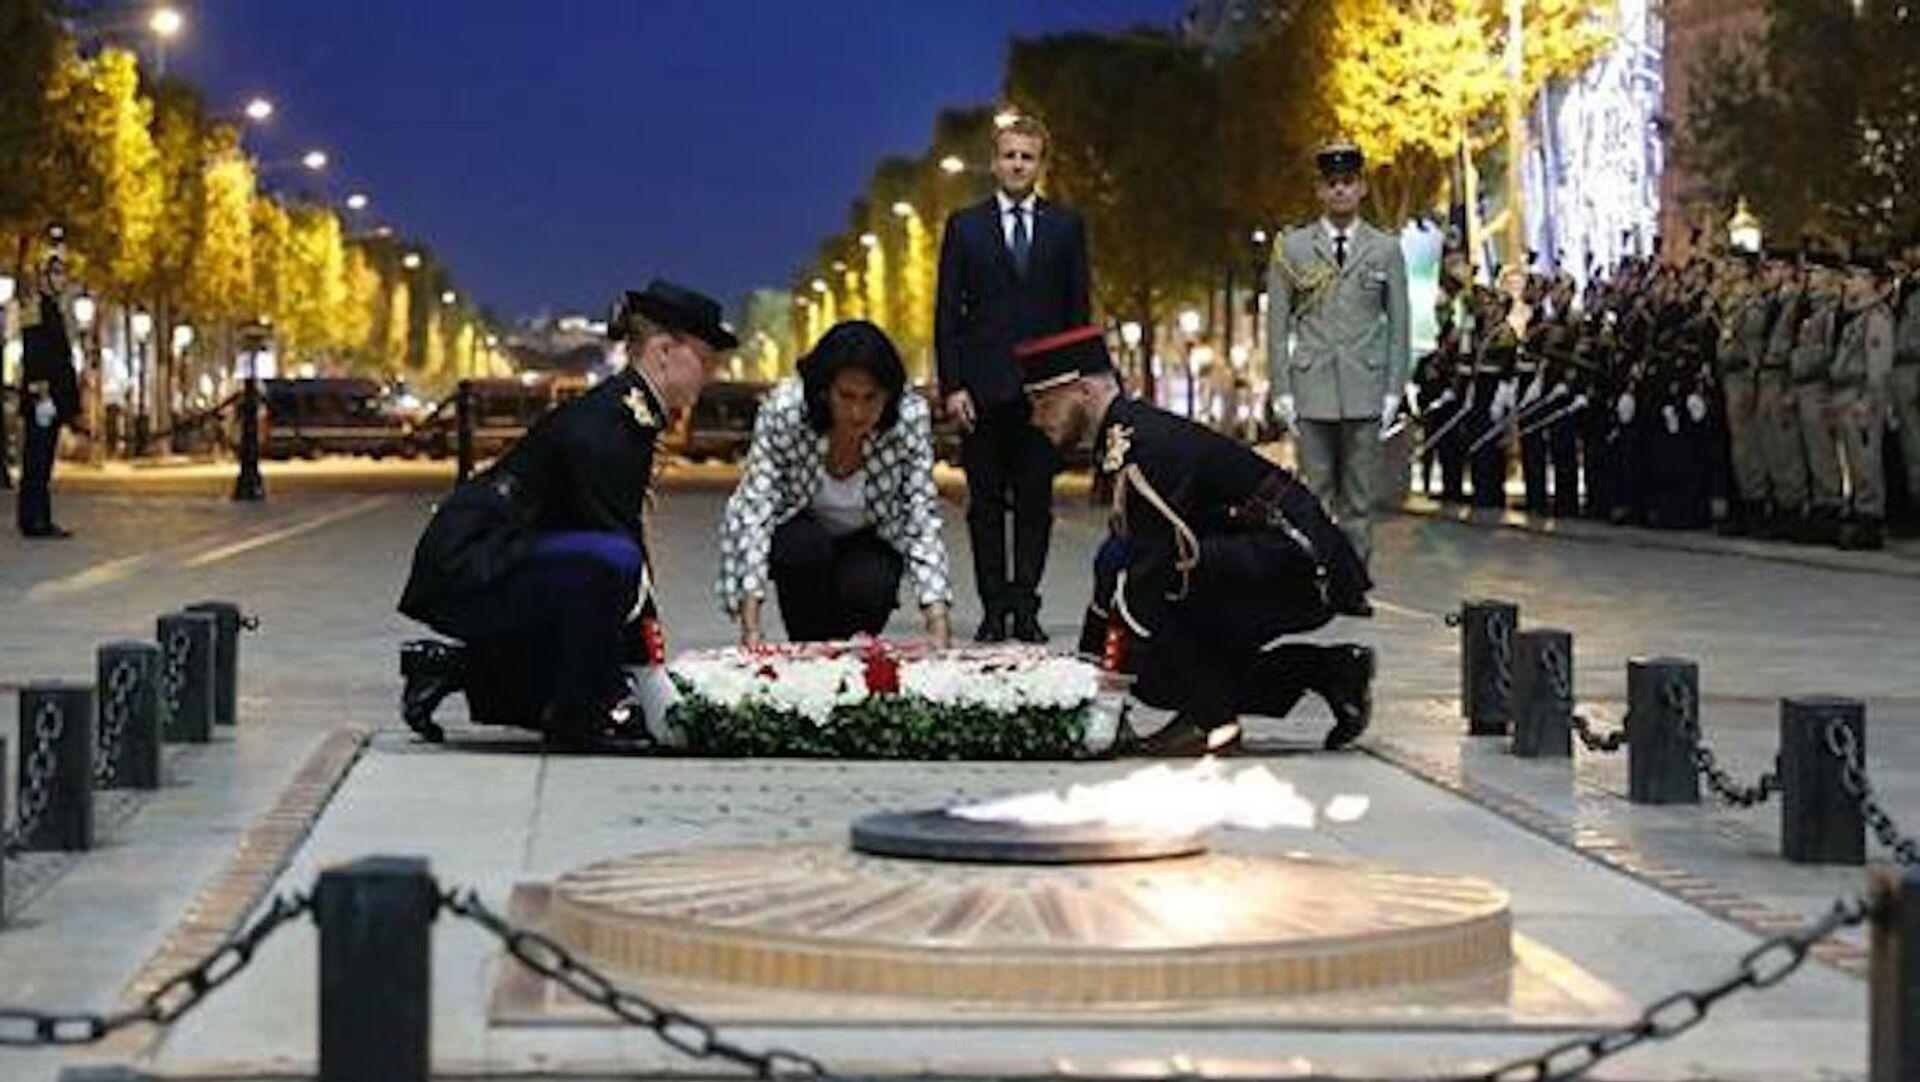 Президент Грузии Саломе Зурабишвили возлагает цветы к могиле Неизвестного солдата в Париже в ходе визита во Францию  - Sputnik Грузия, 1920, 29.09.2021